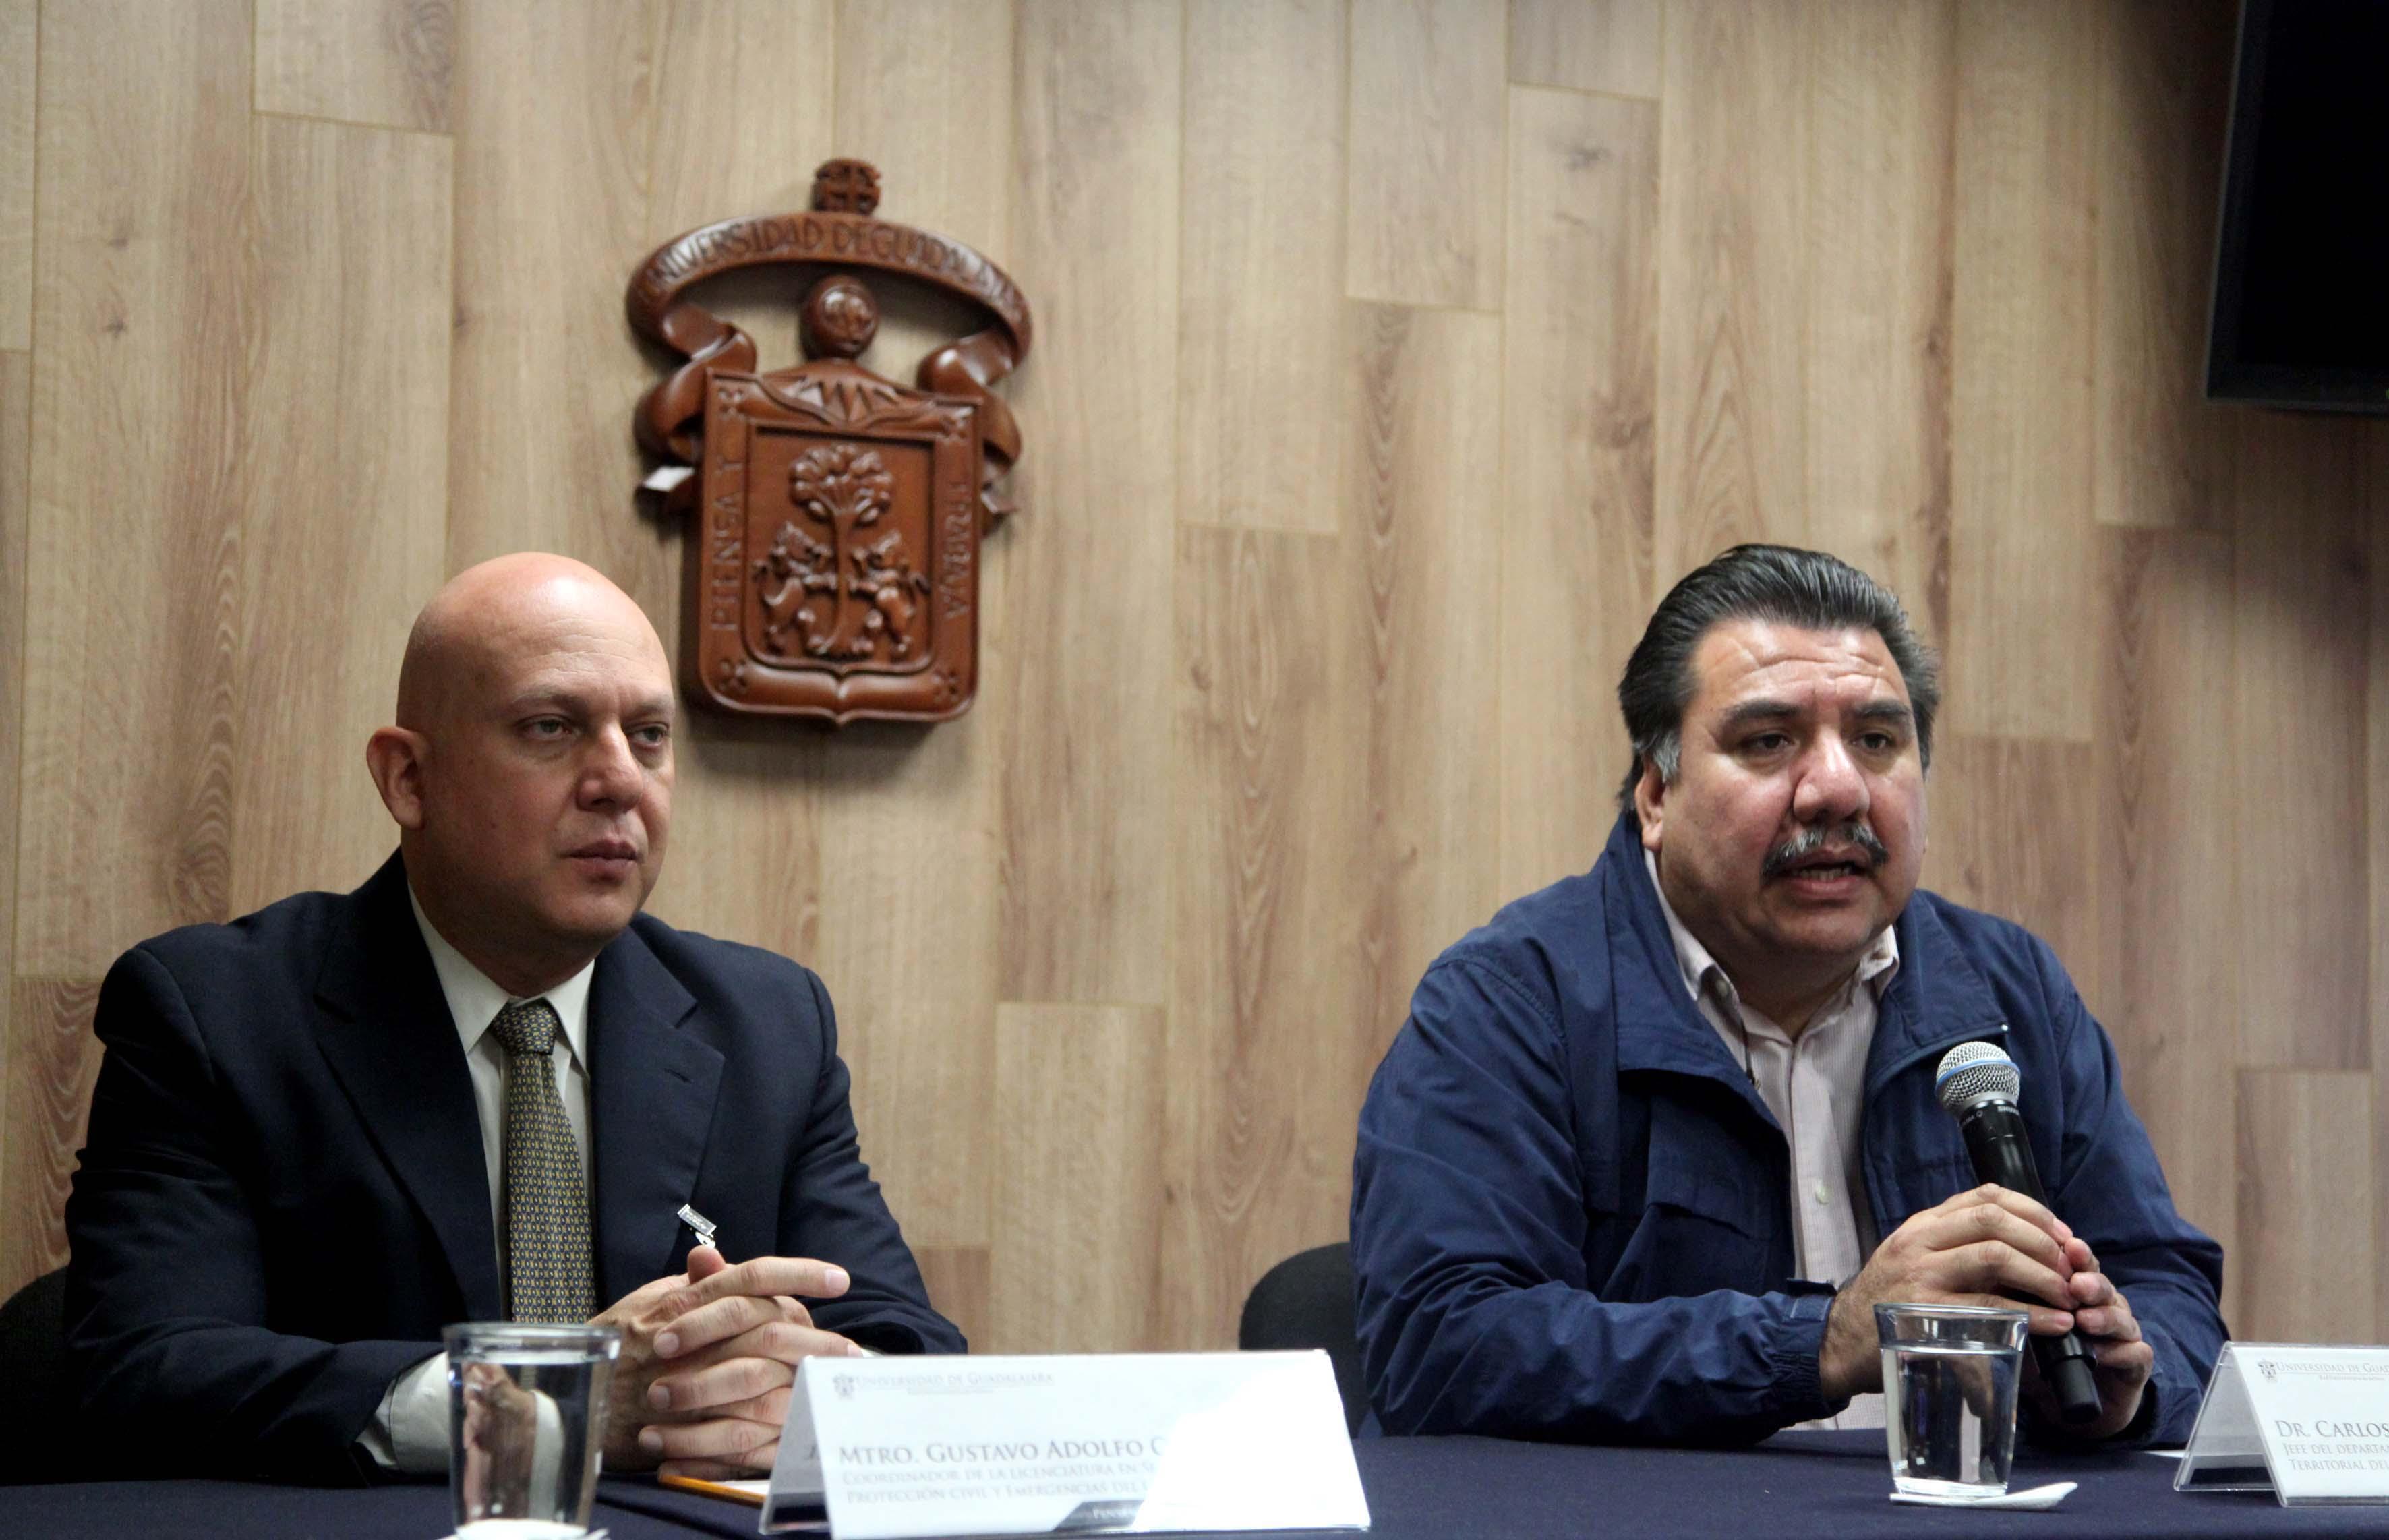 Dos hombres sentados en el estrado del paraninfo UDG